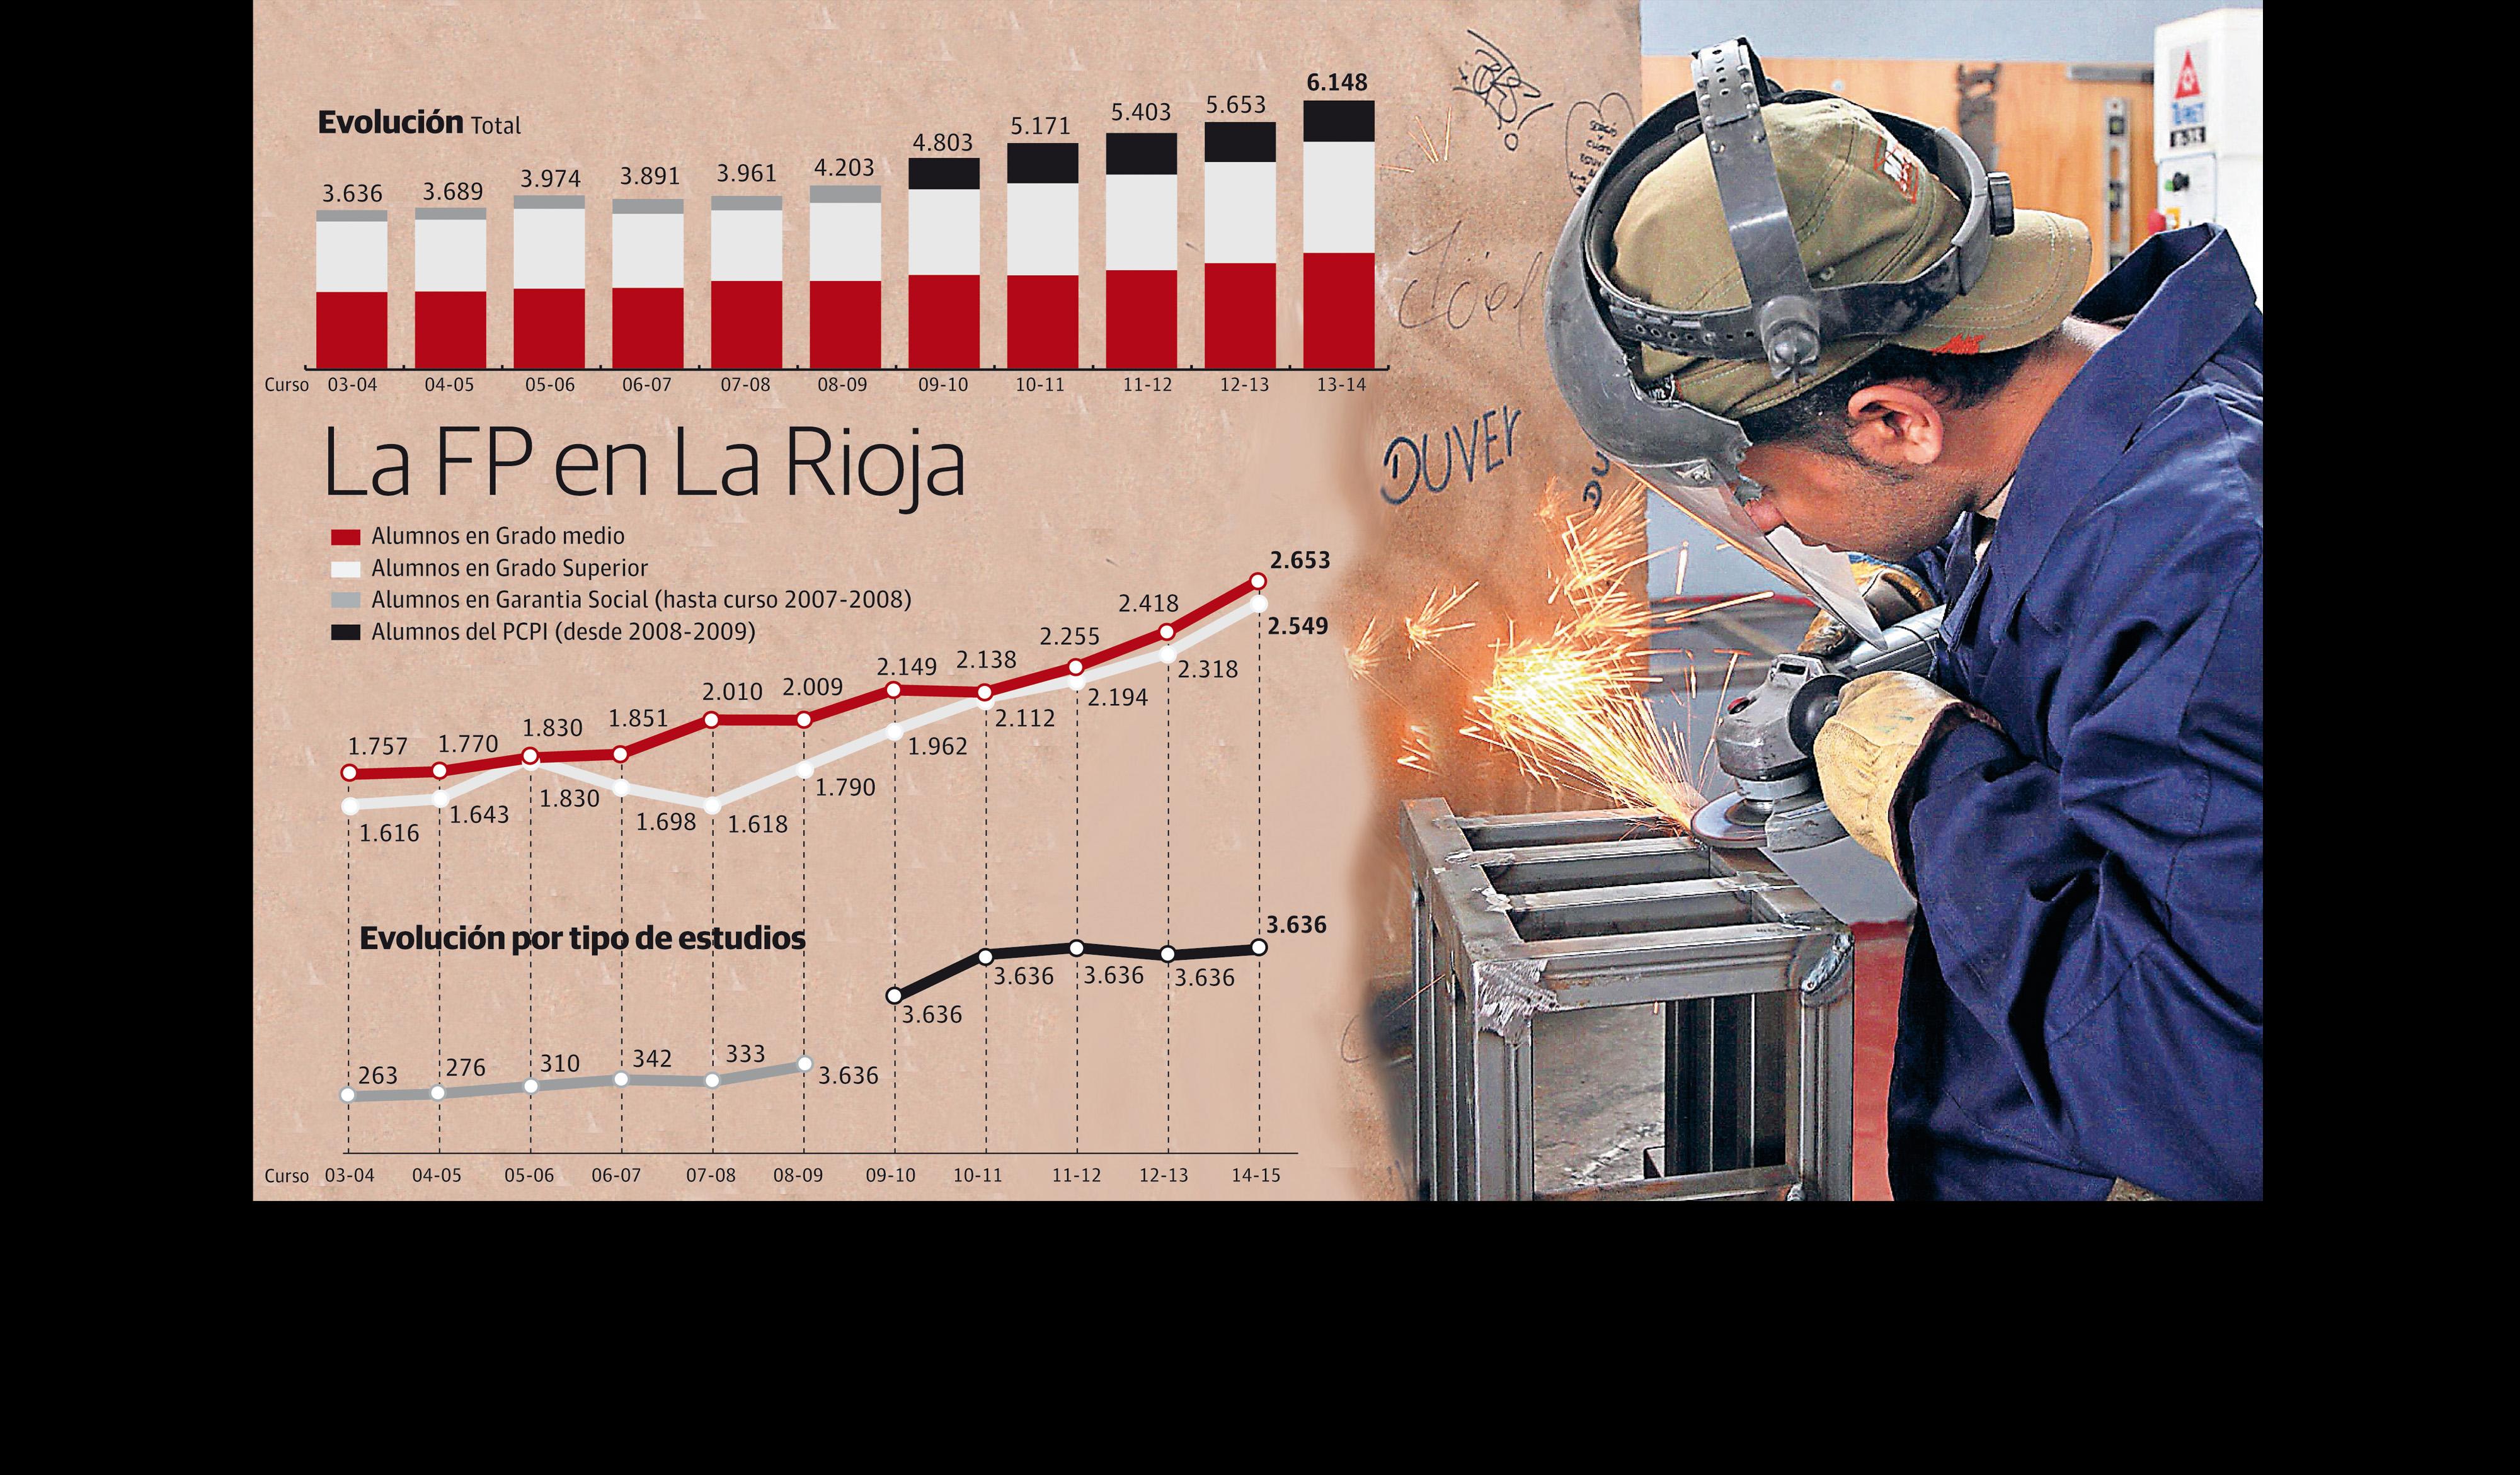 La FP en La Rioja